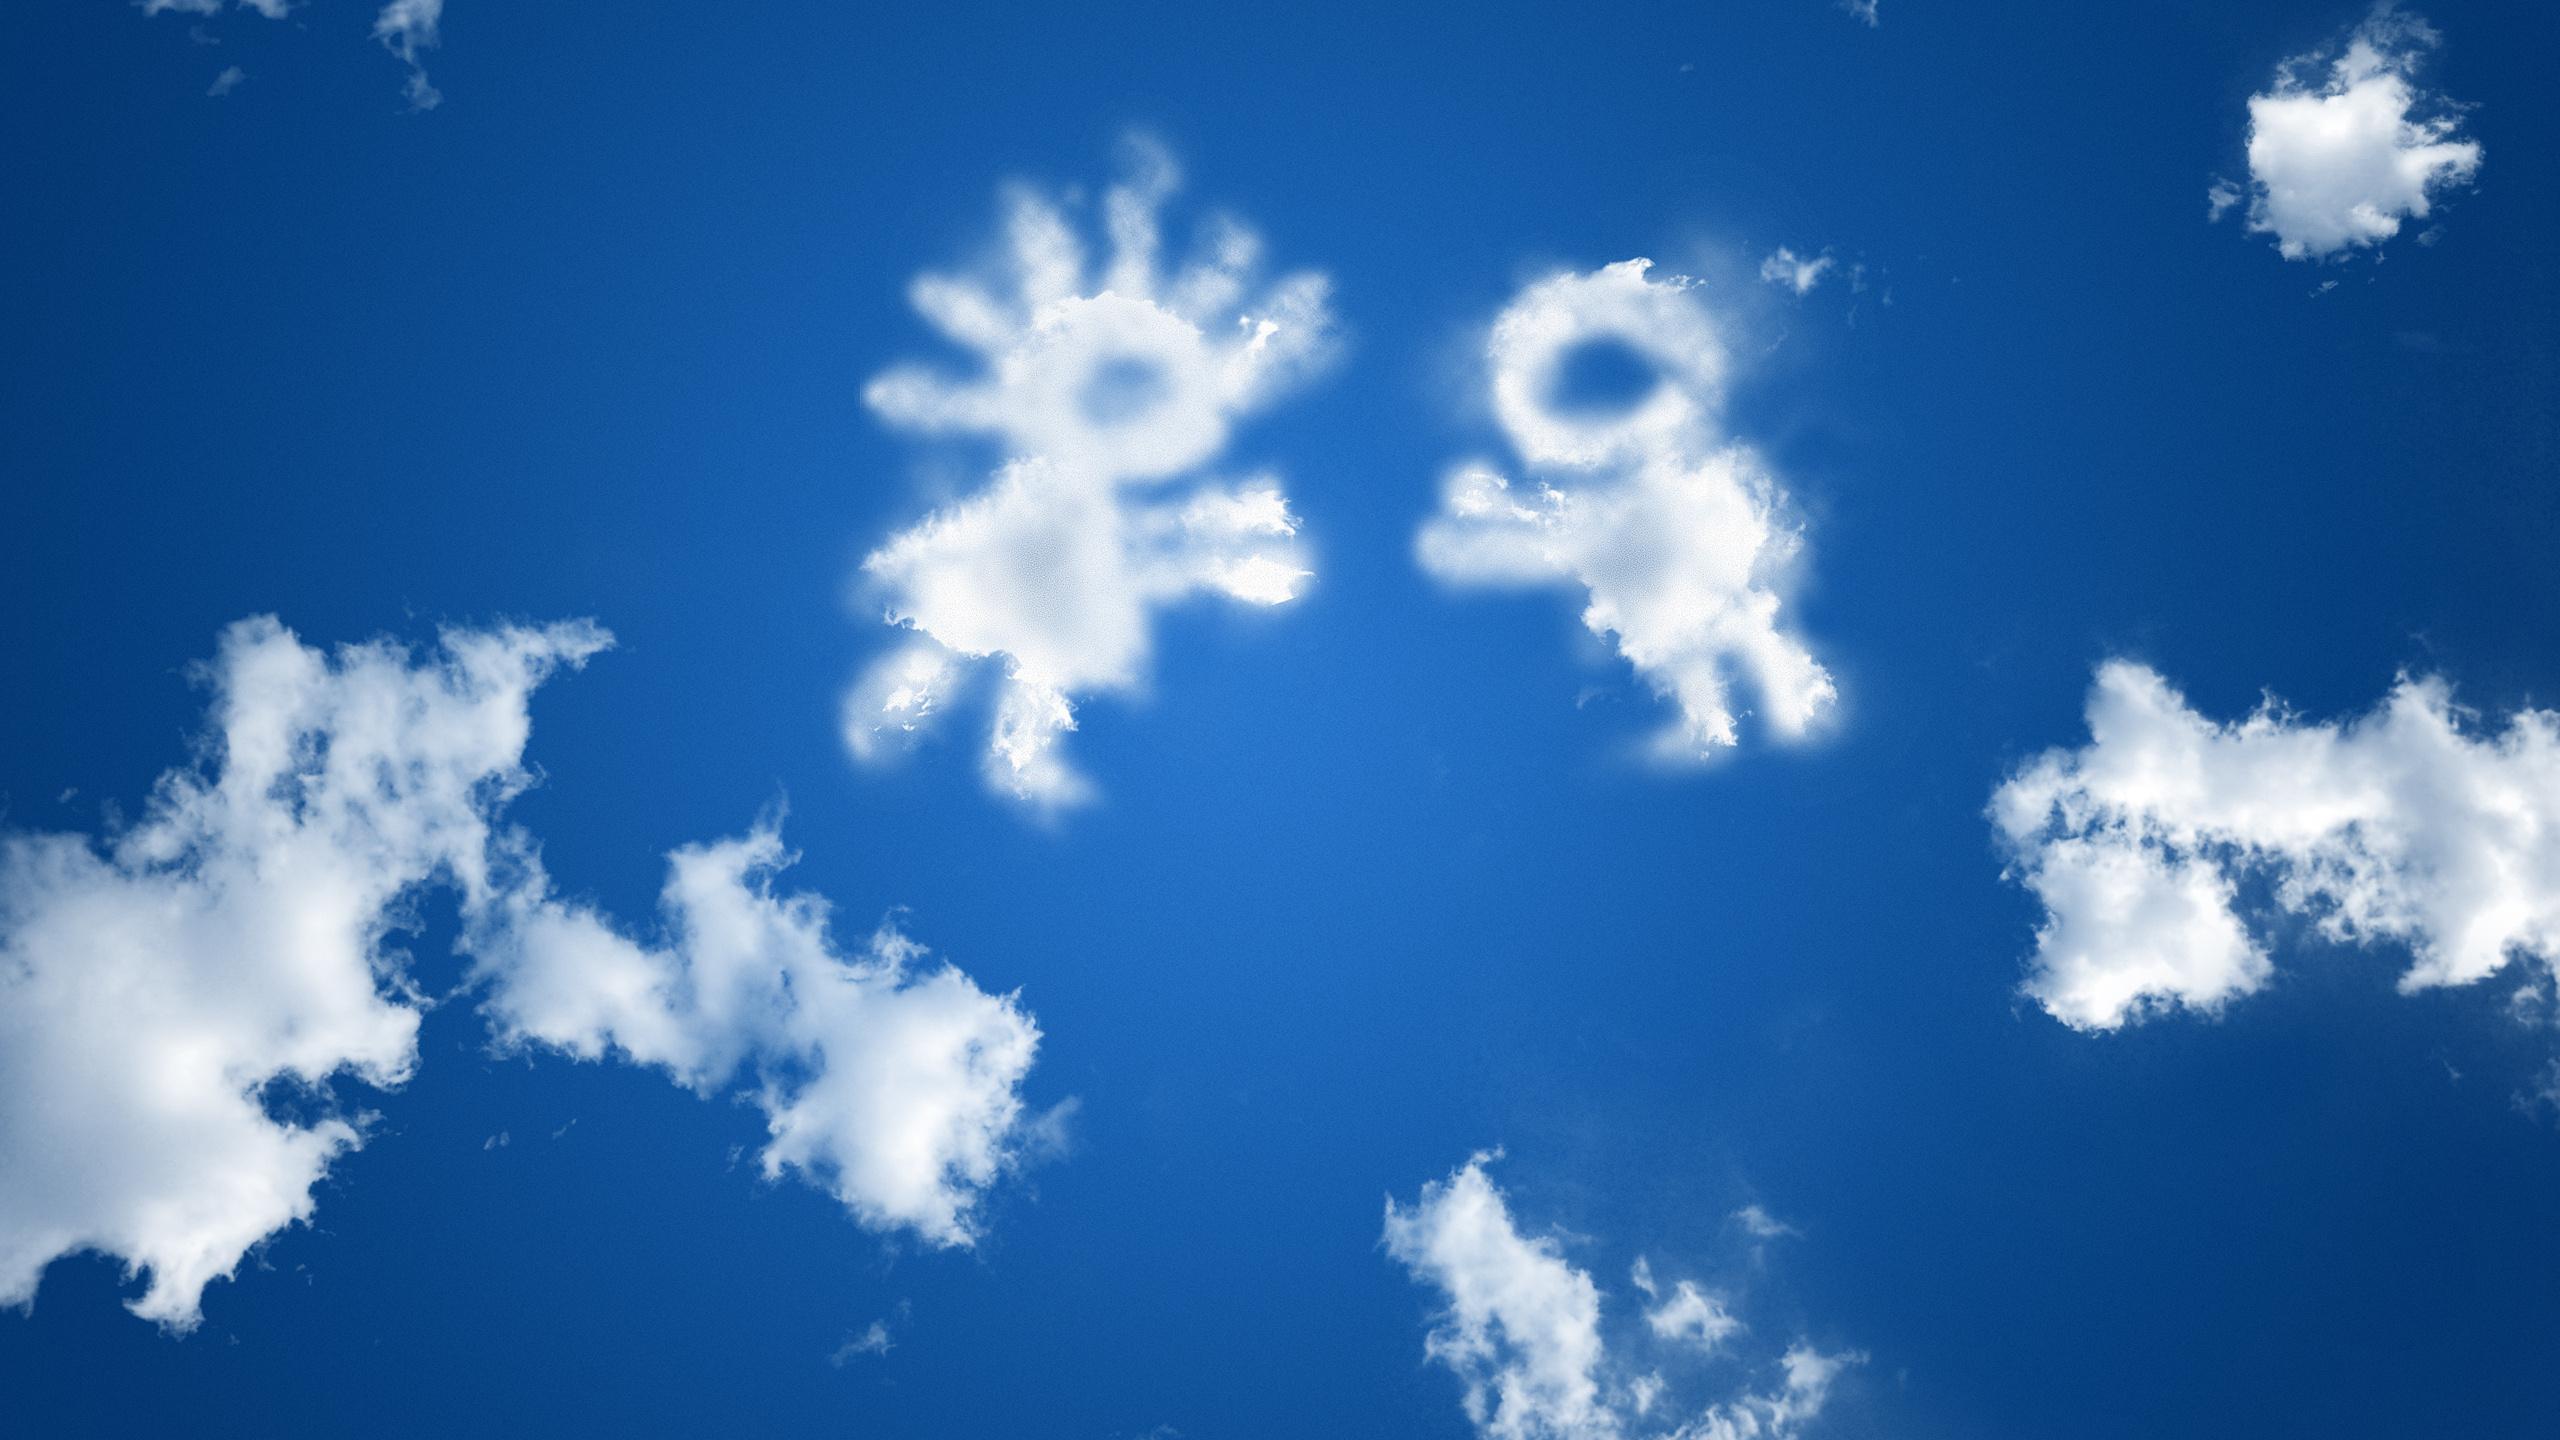 облака, креатив, фэнтези, красиво, позитивно